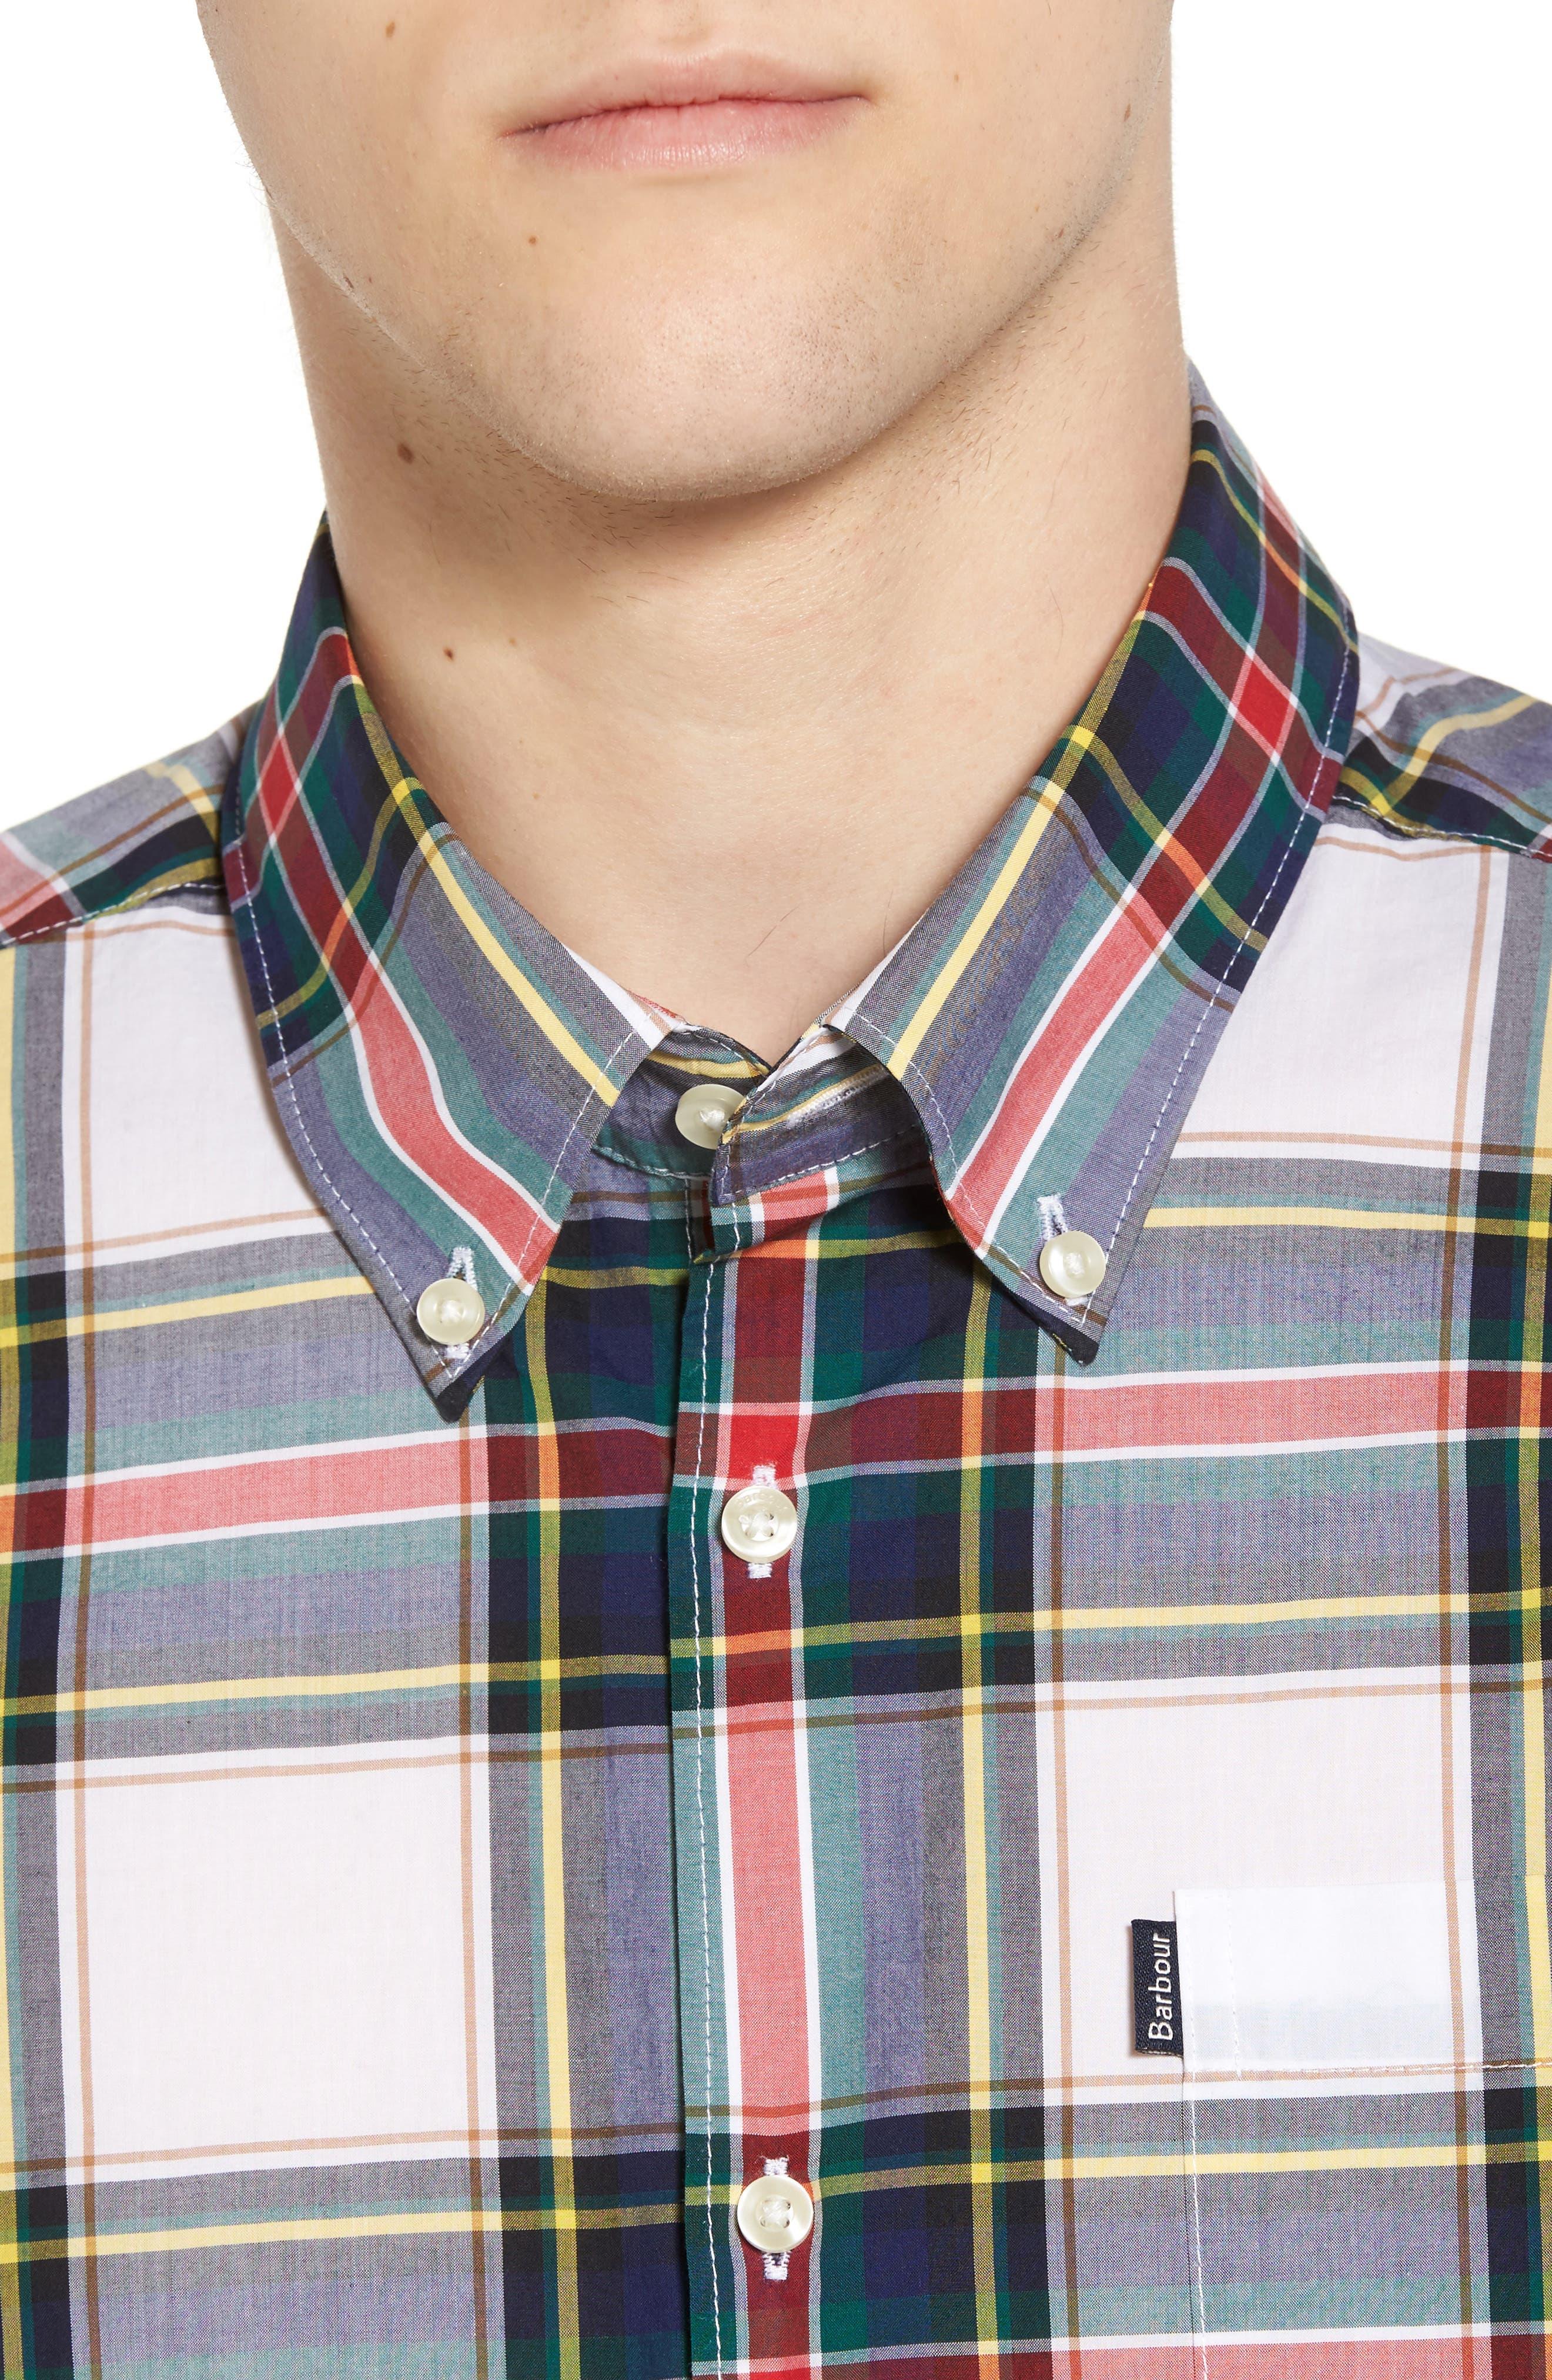 Oscar Trim Fit Plaid Sport Shirt,                             Alternate thumbnail 4, color,                             100